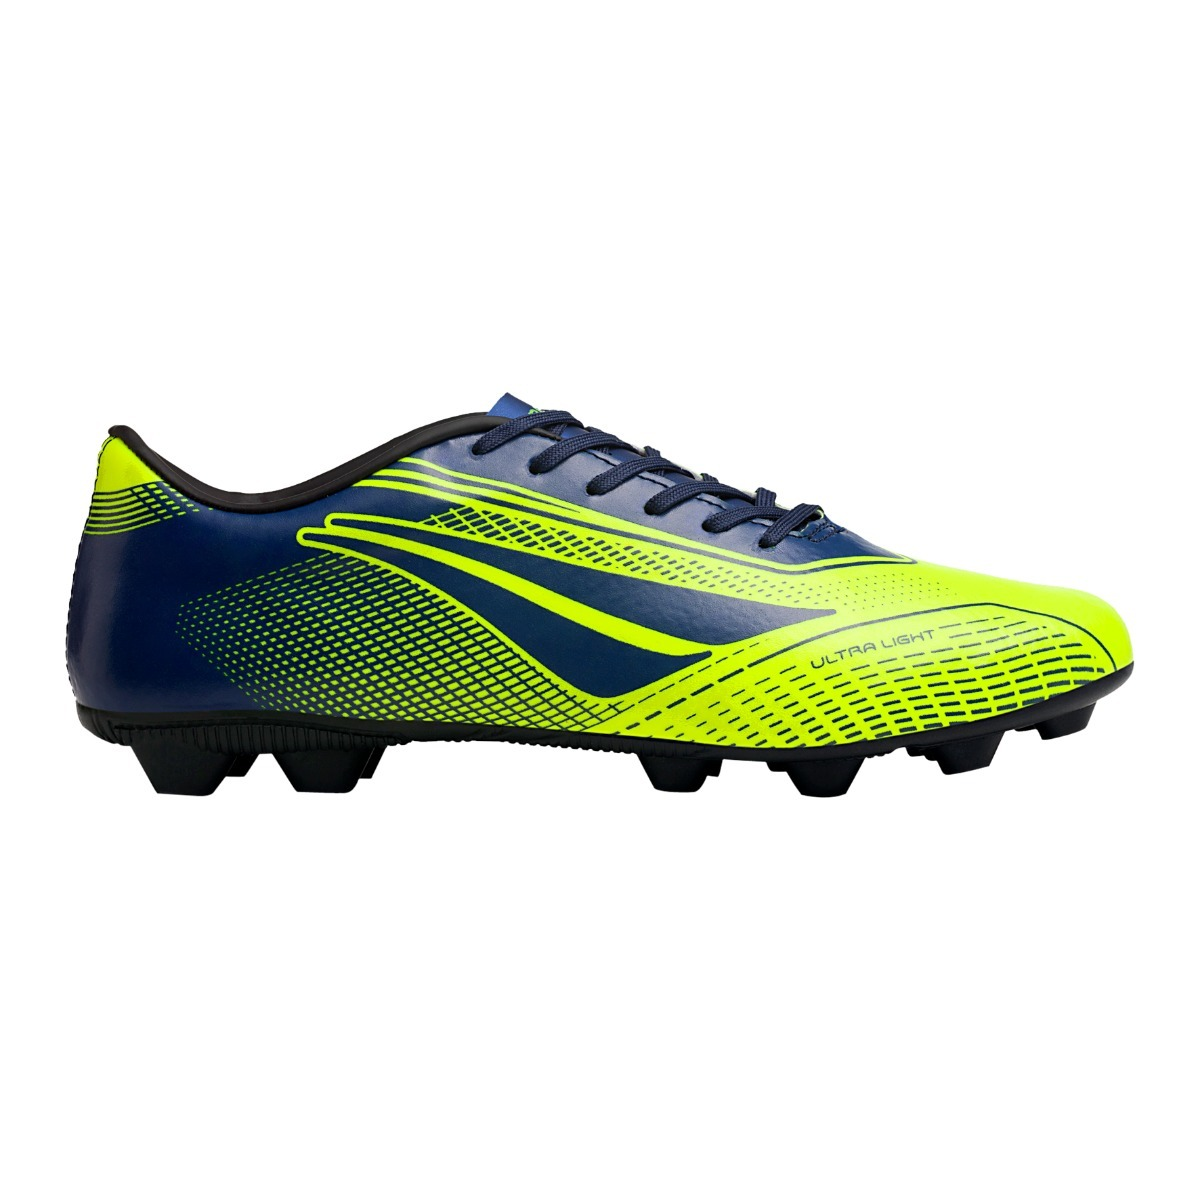 Storm Futbol Talle40 De Penalty Calzado Zapato 5AjL4R